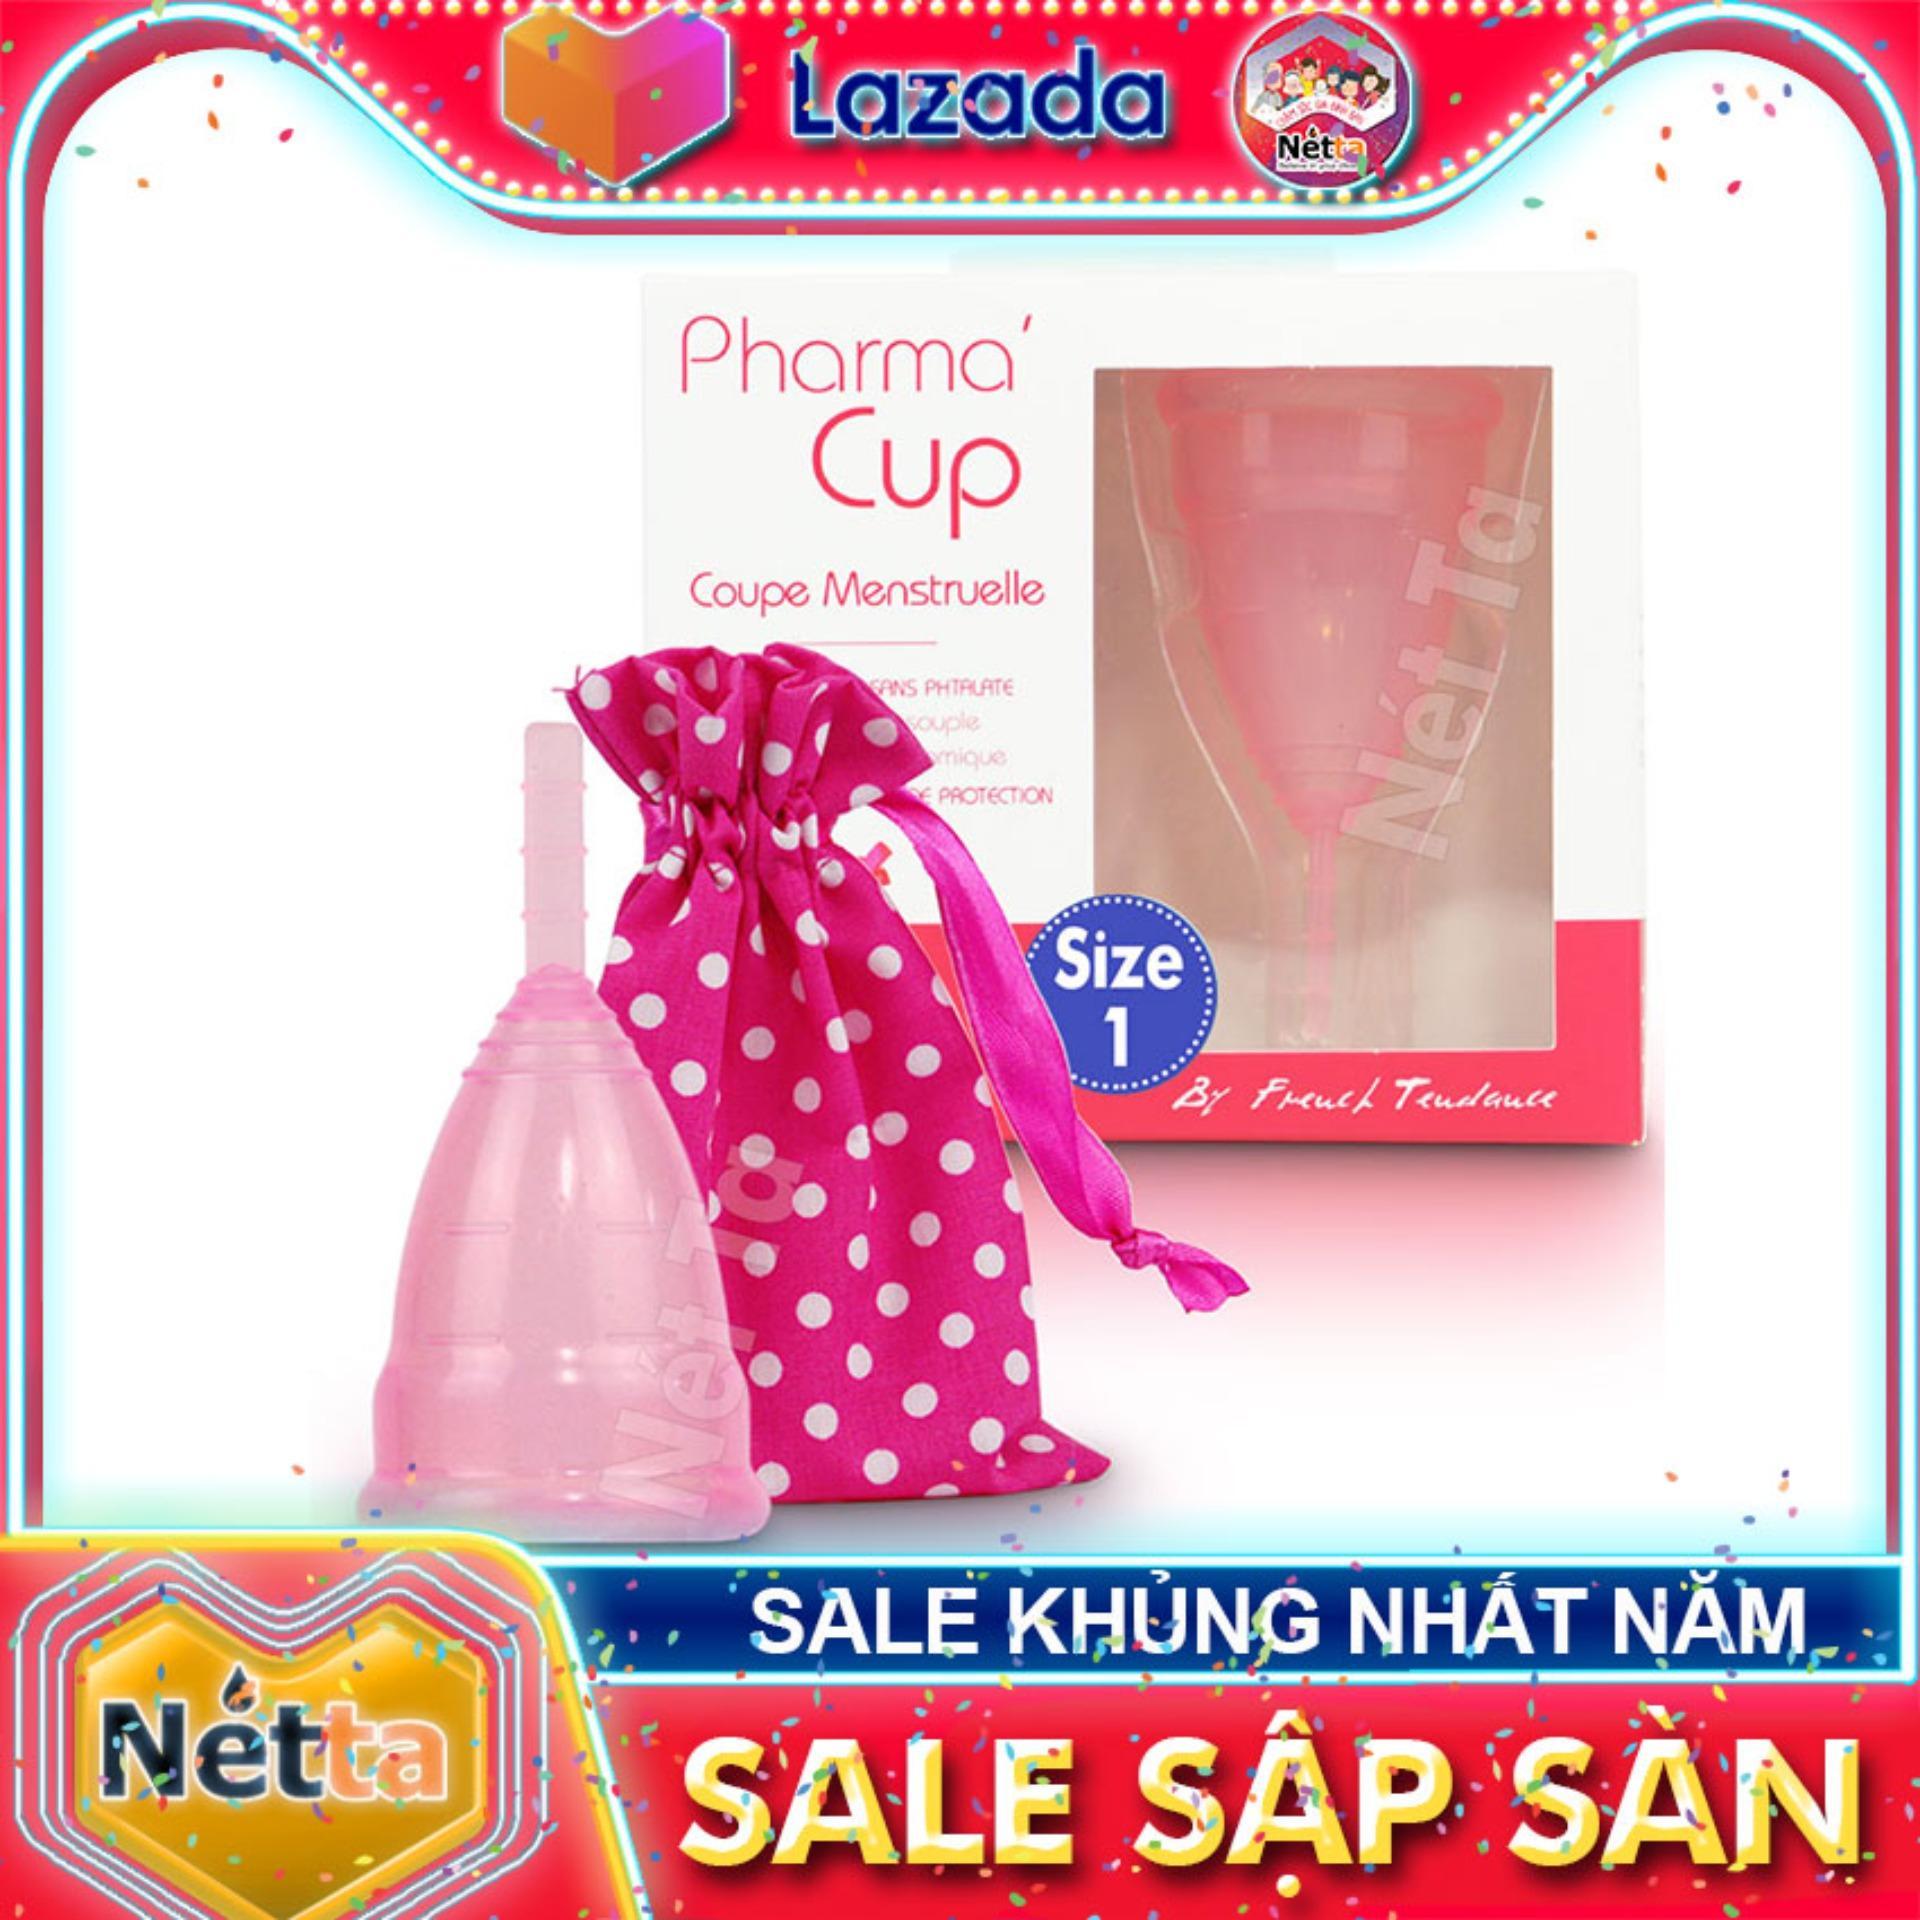 Cốc nguyệt san Pharma Cup 100% Silicone Pháp - Màu hồng 2 Size được làm bằng silicone y tế dùng...